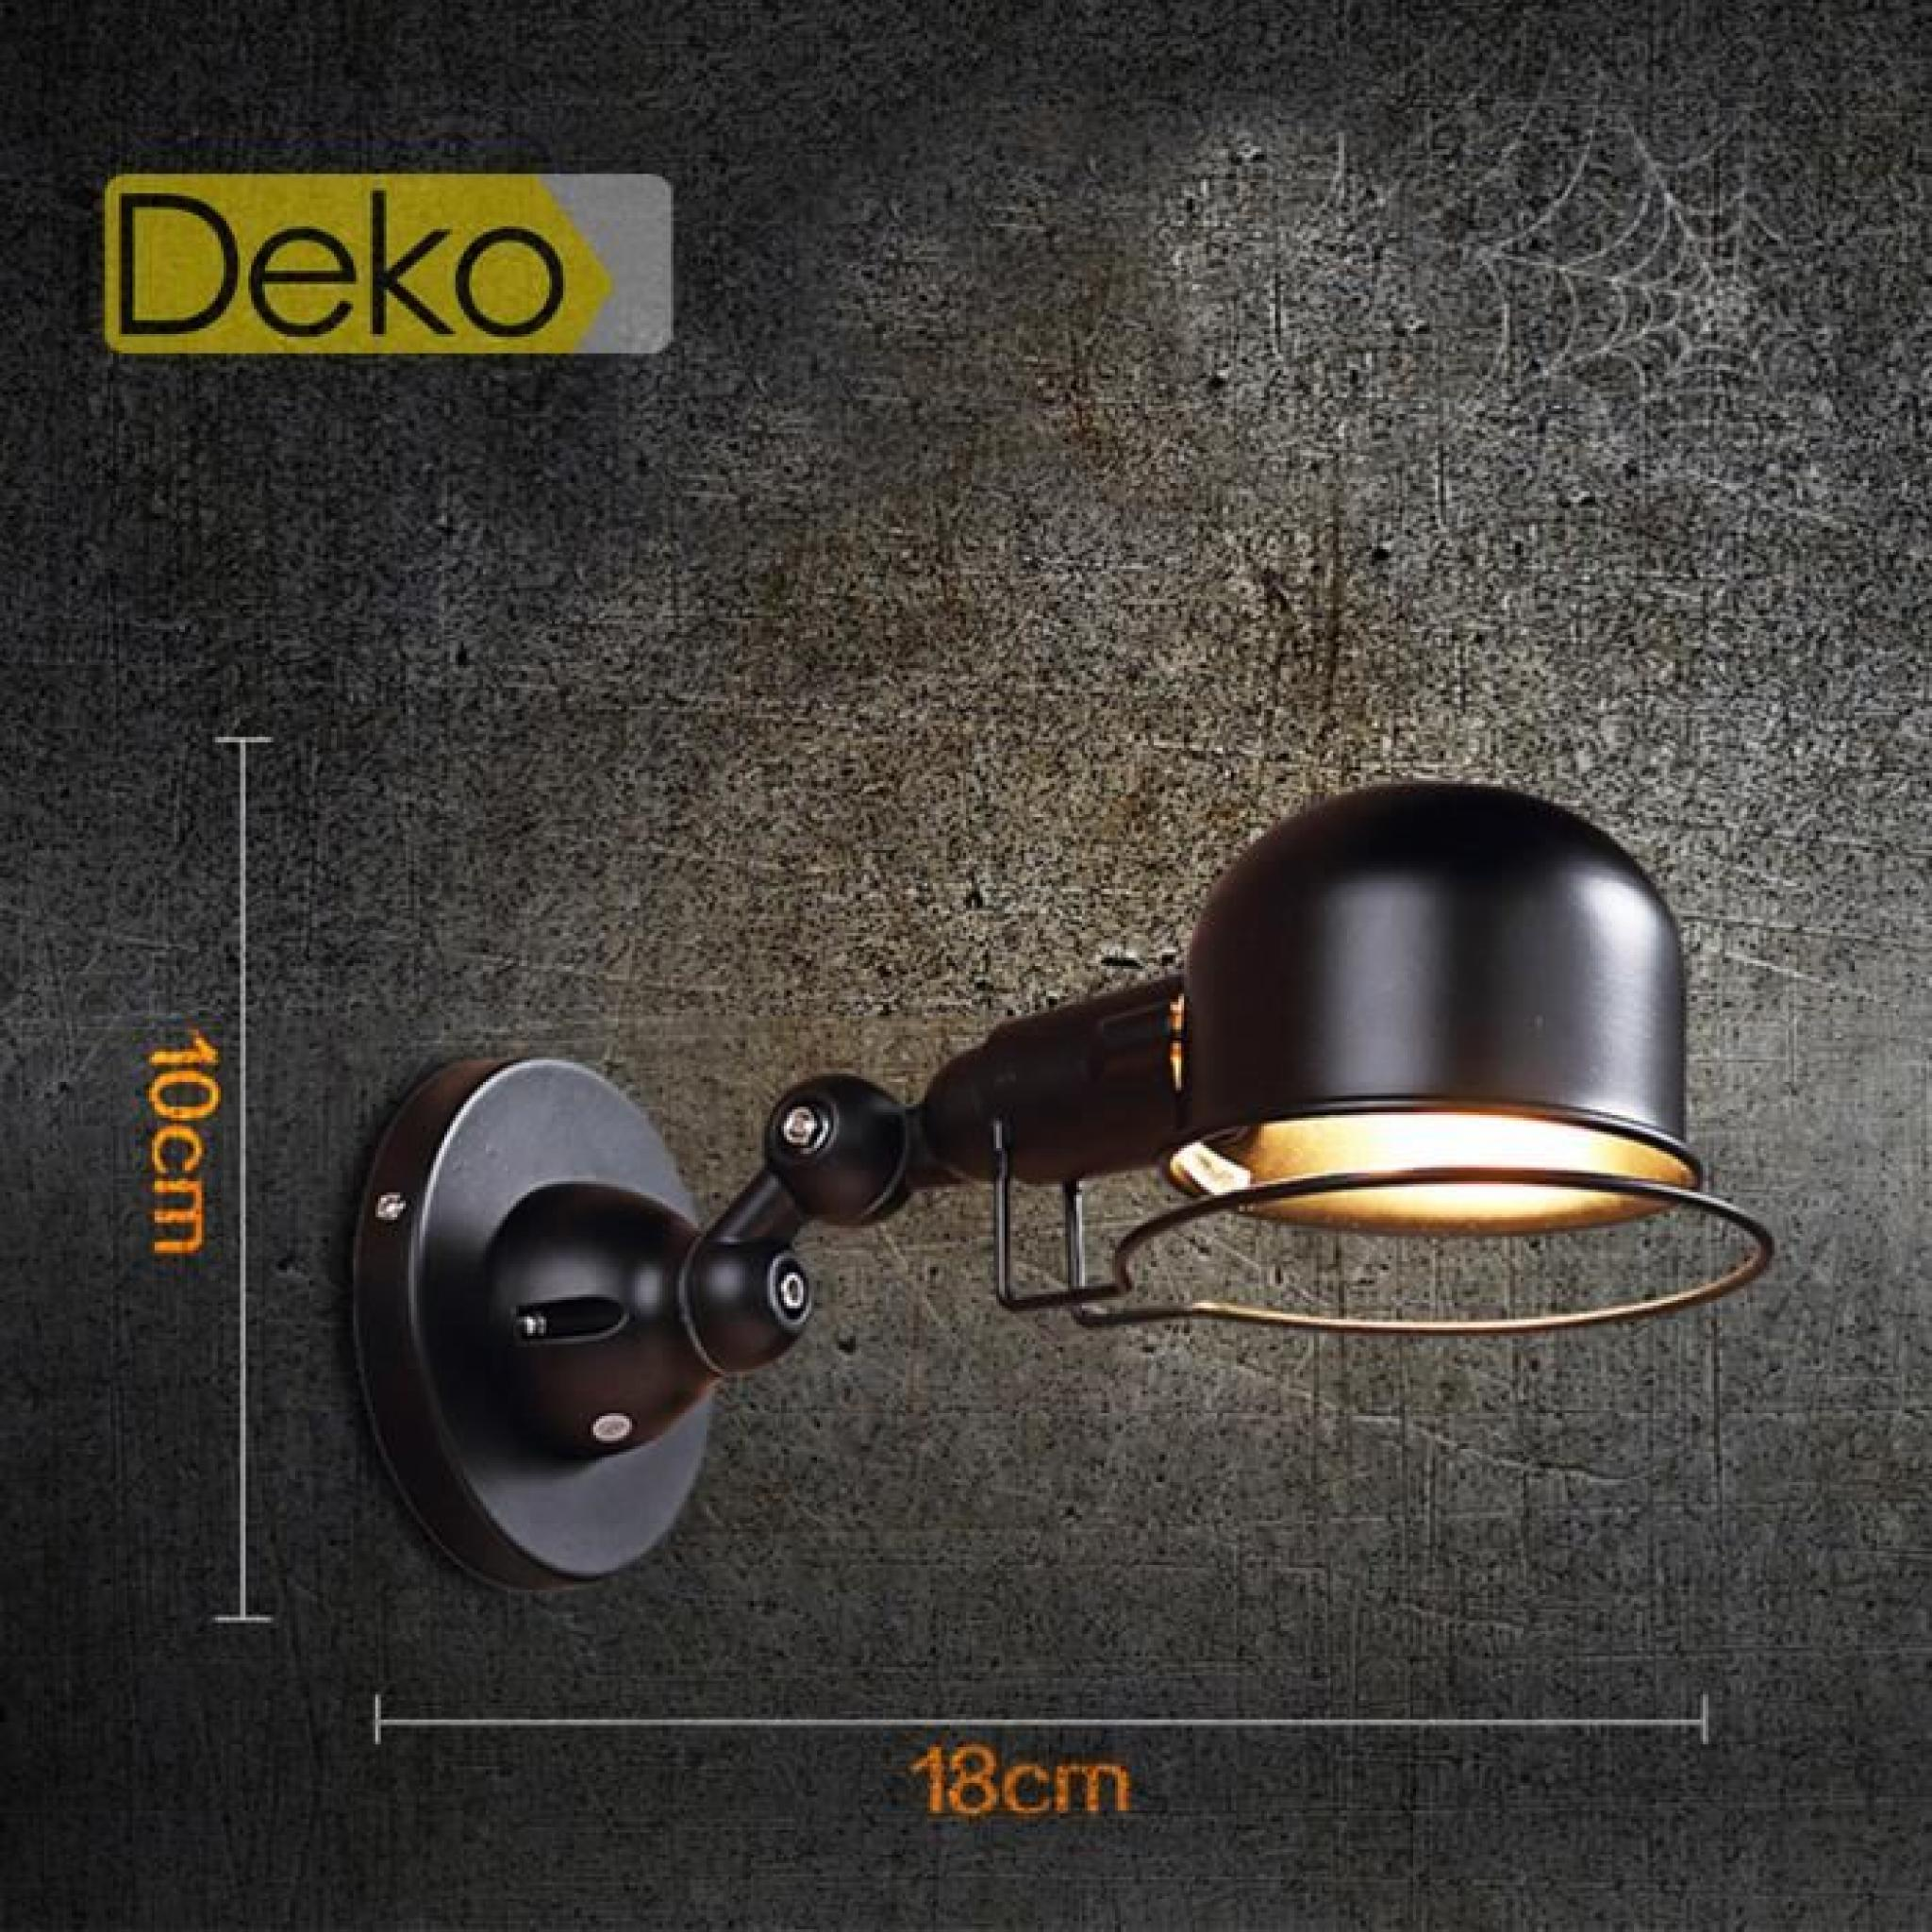 Bois Plafonnier Bureau Antique Lampe Table Hau Ideko® En Projecteur Bronzé Chevet De Salon Art Industriel Jardin Design Unique kPN8nOZ0wX